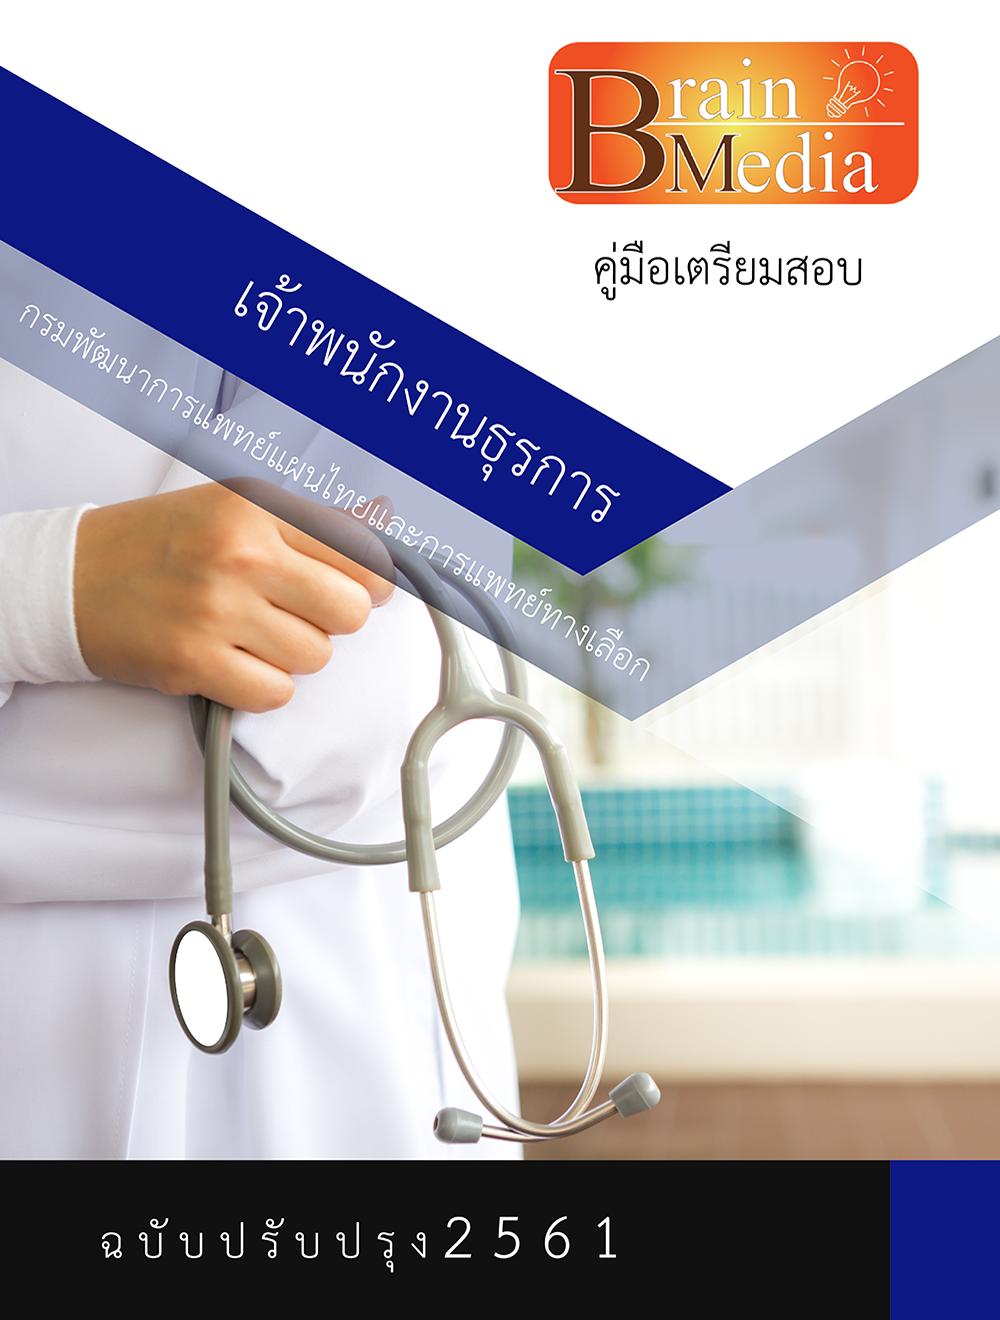 โหลดแนวข้อสอบ เจ้าพนักงานธุรการ กรมพัฒนาการแพทย์แผนไทยและการแพทย์ทางเลือก